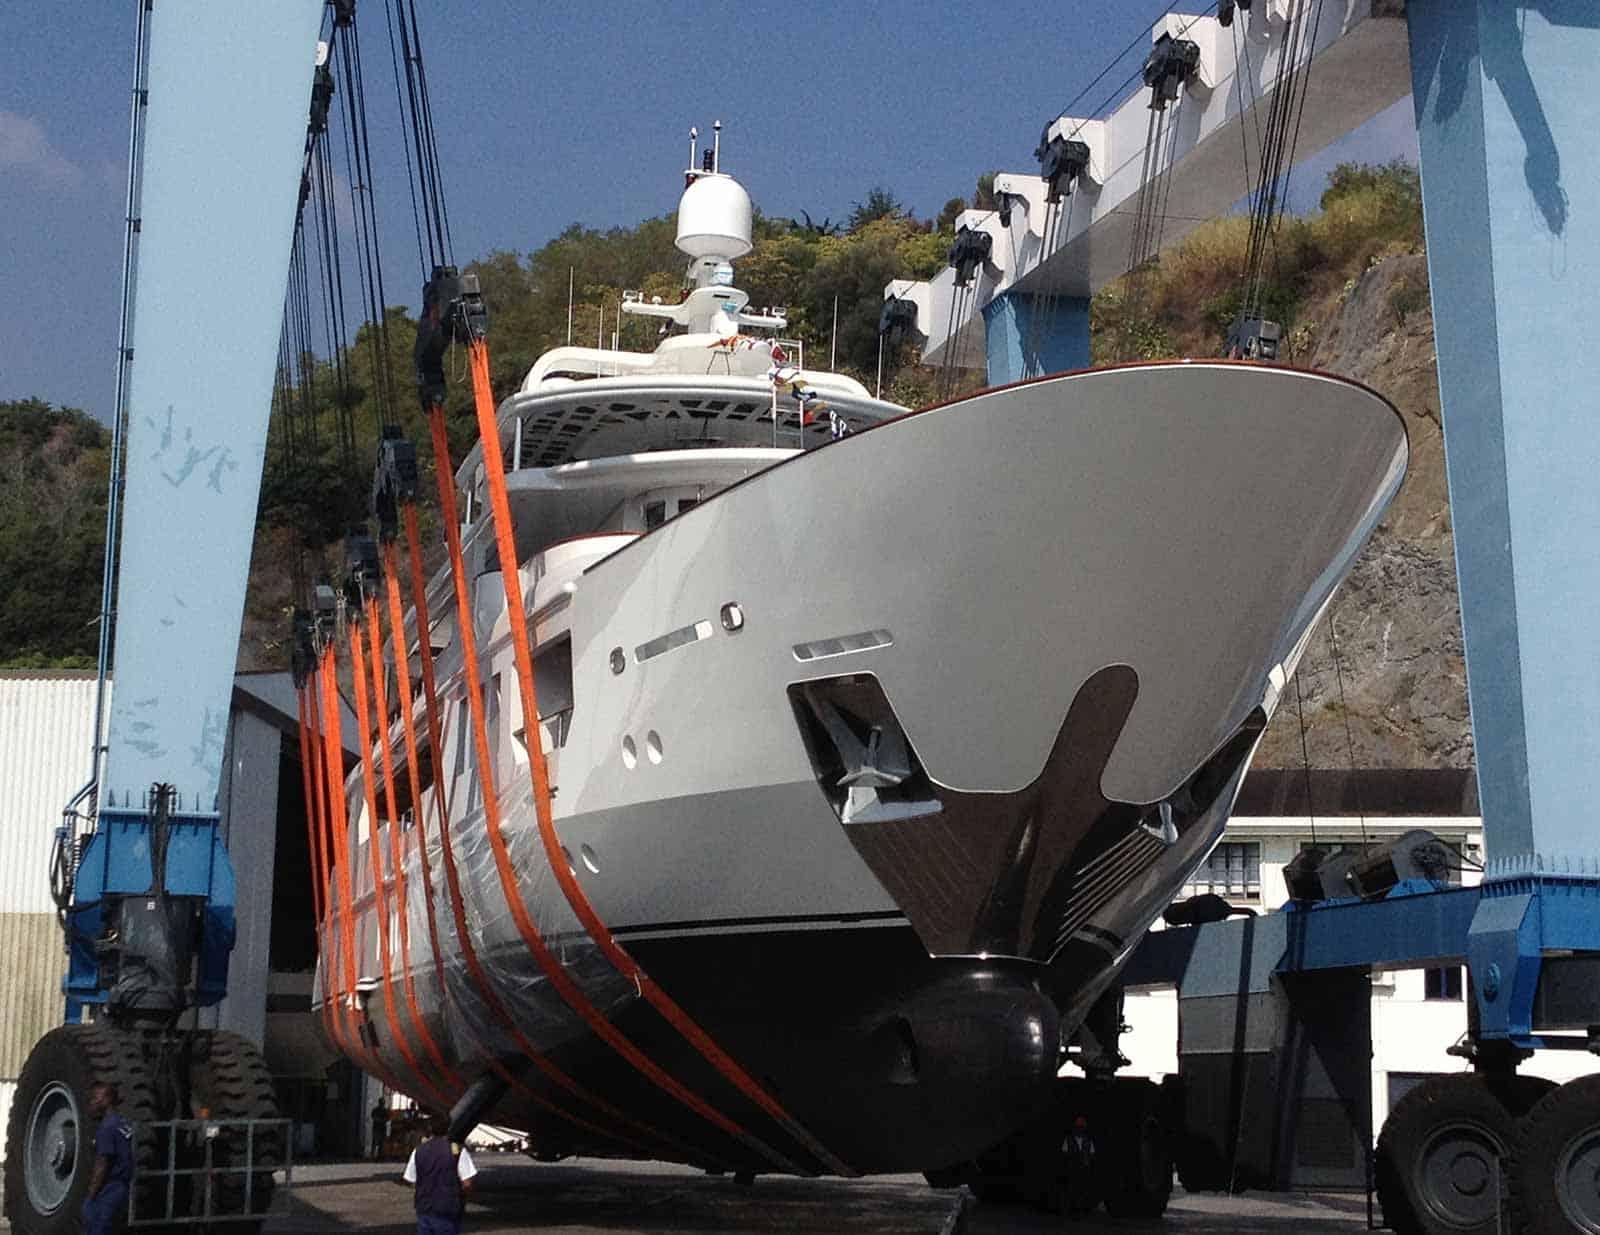 Viudes-Motor-Yacht-at-Marina